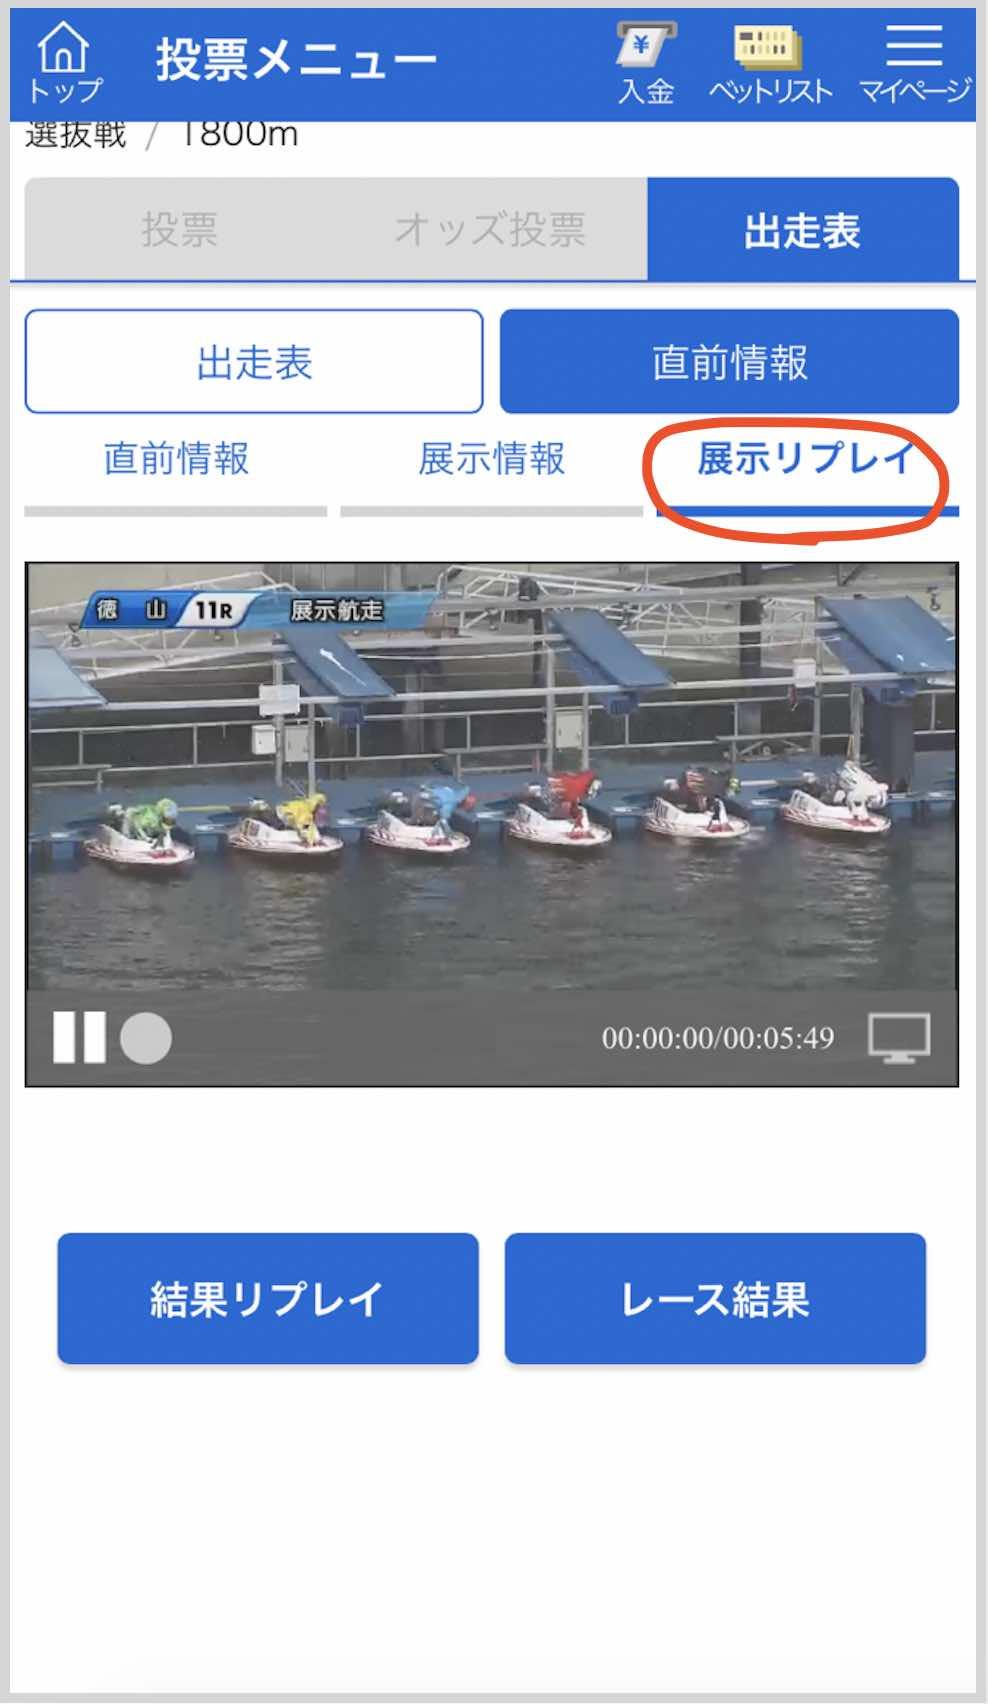 競艇ボートレースの舟券をネットで買う、競艇ボートレース投票サイトで展示リプレイを見る